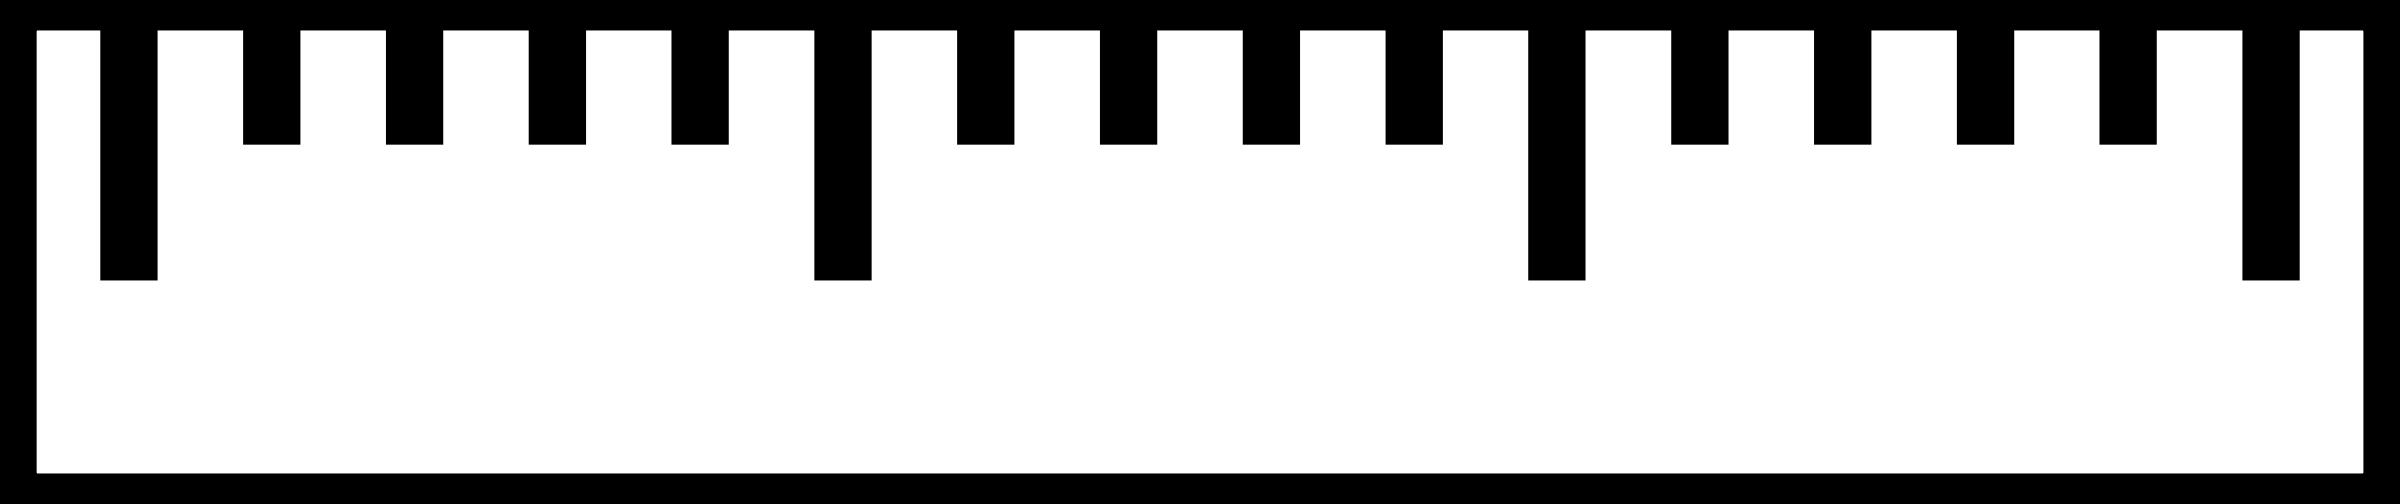 Ruler PNG - 12167